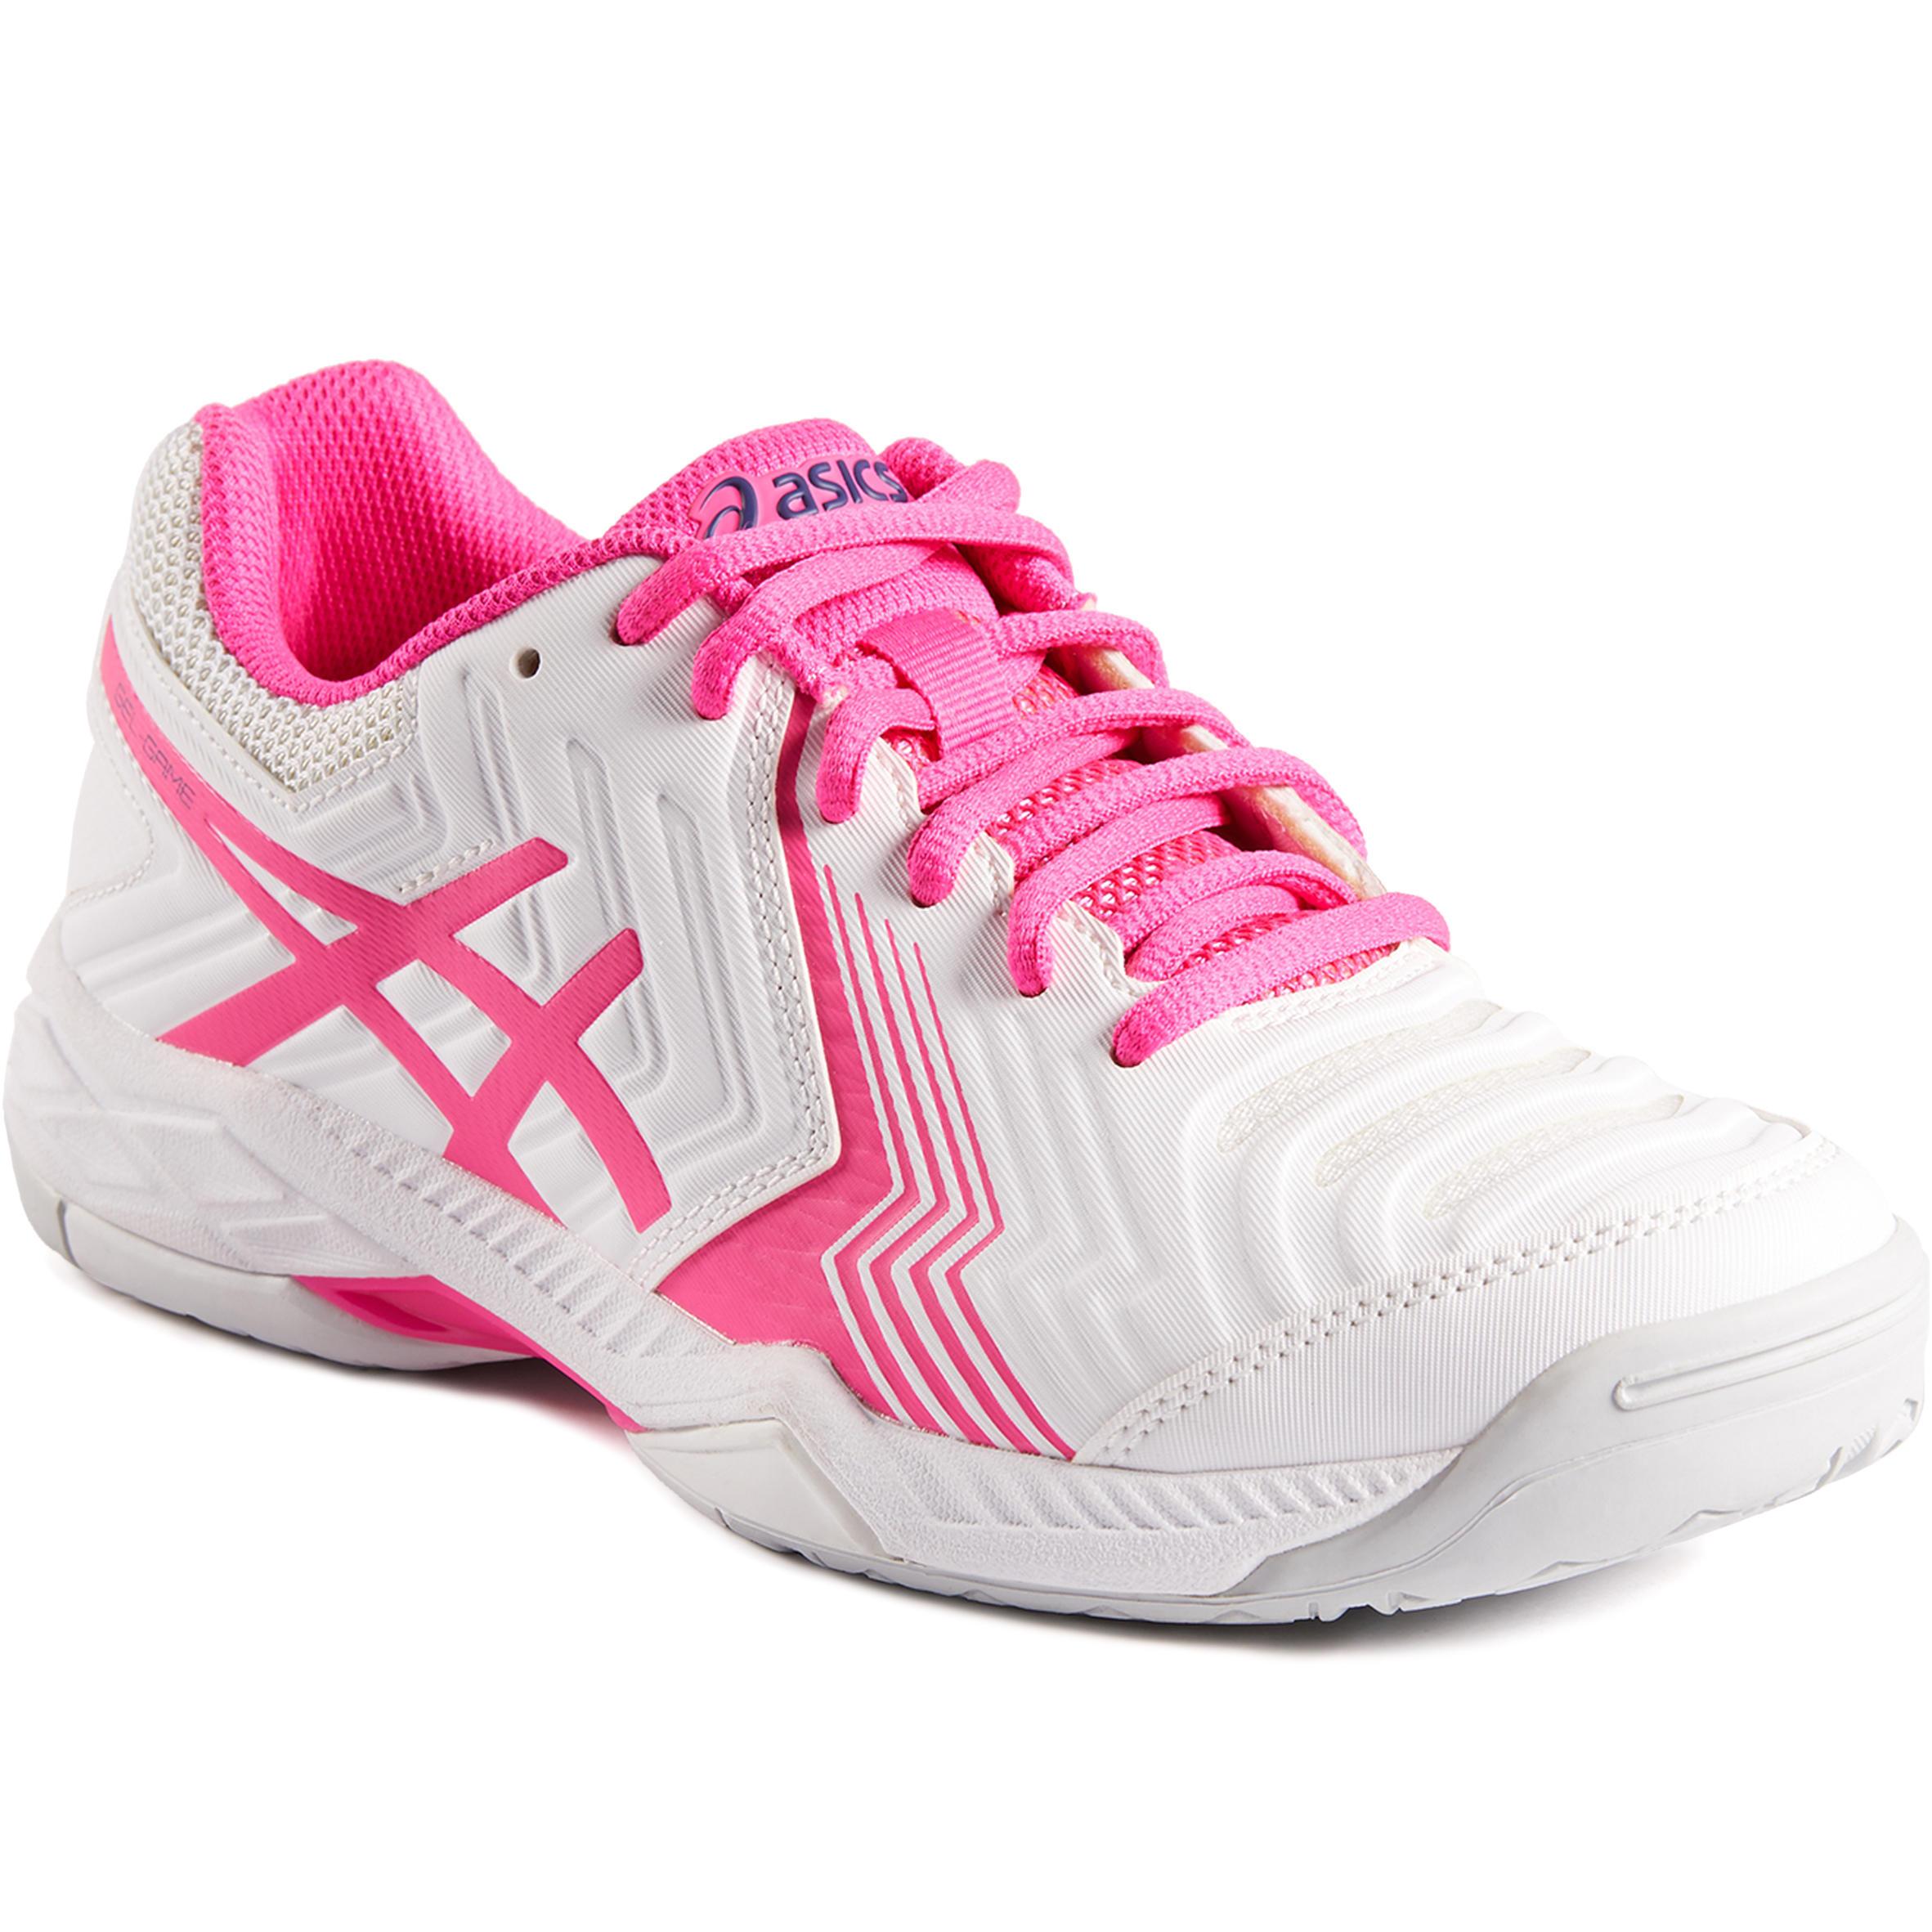 Asics Tennisschoenen voor dames Gel Game wit/roze